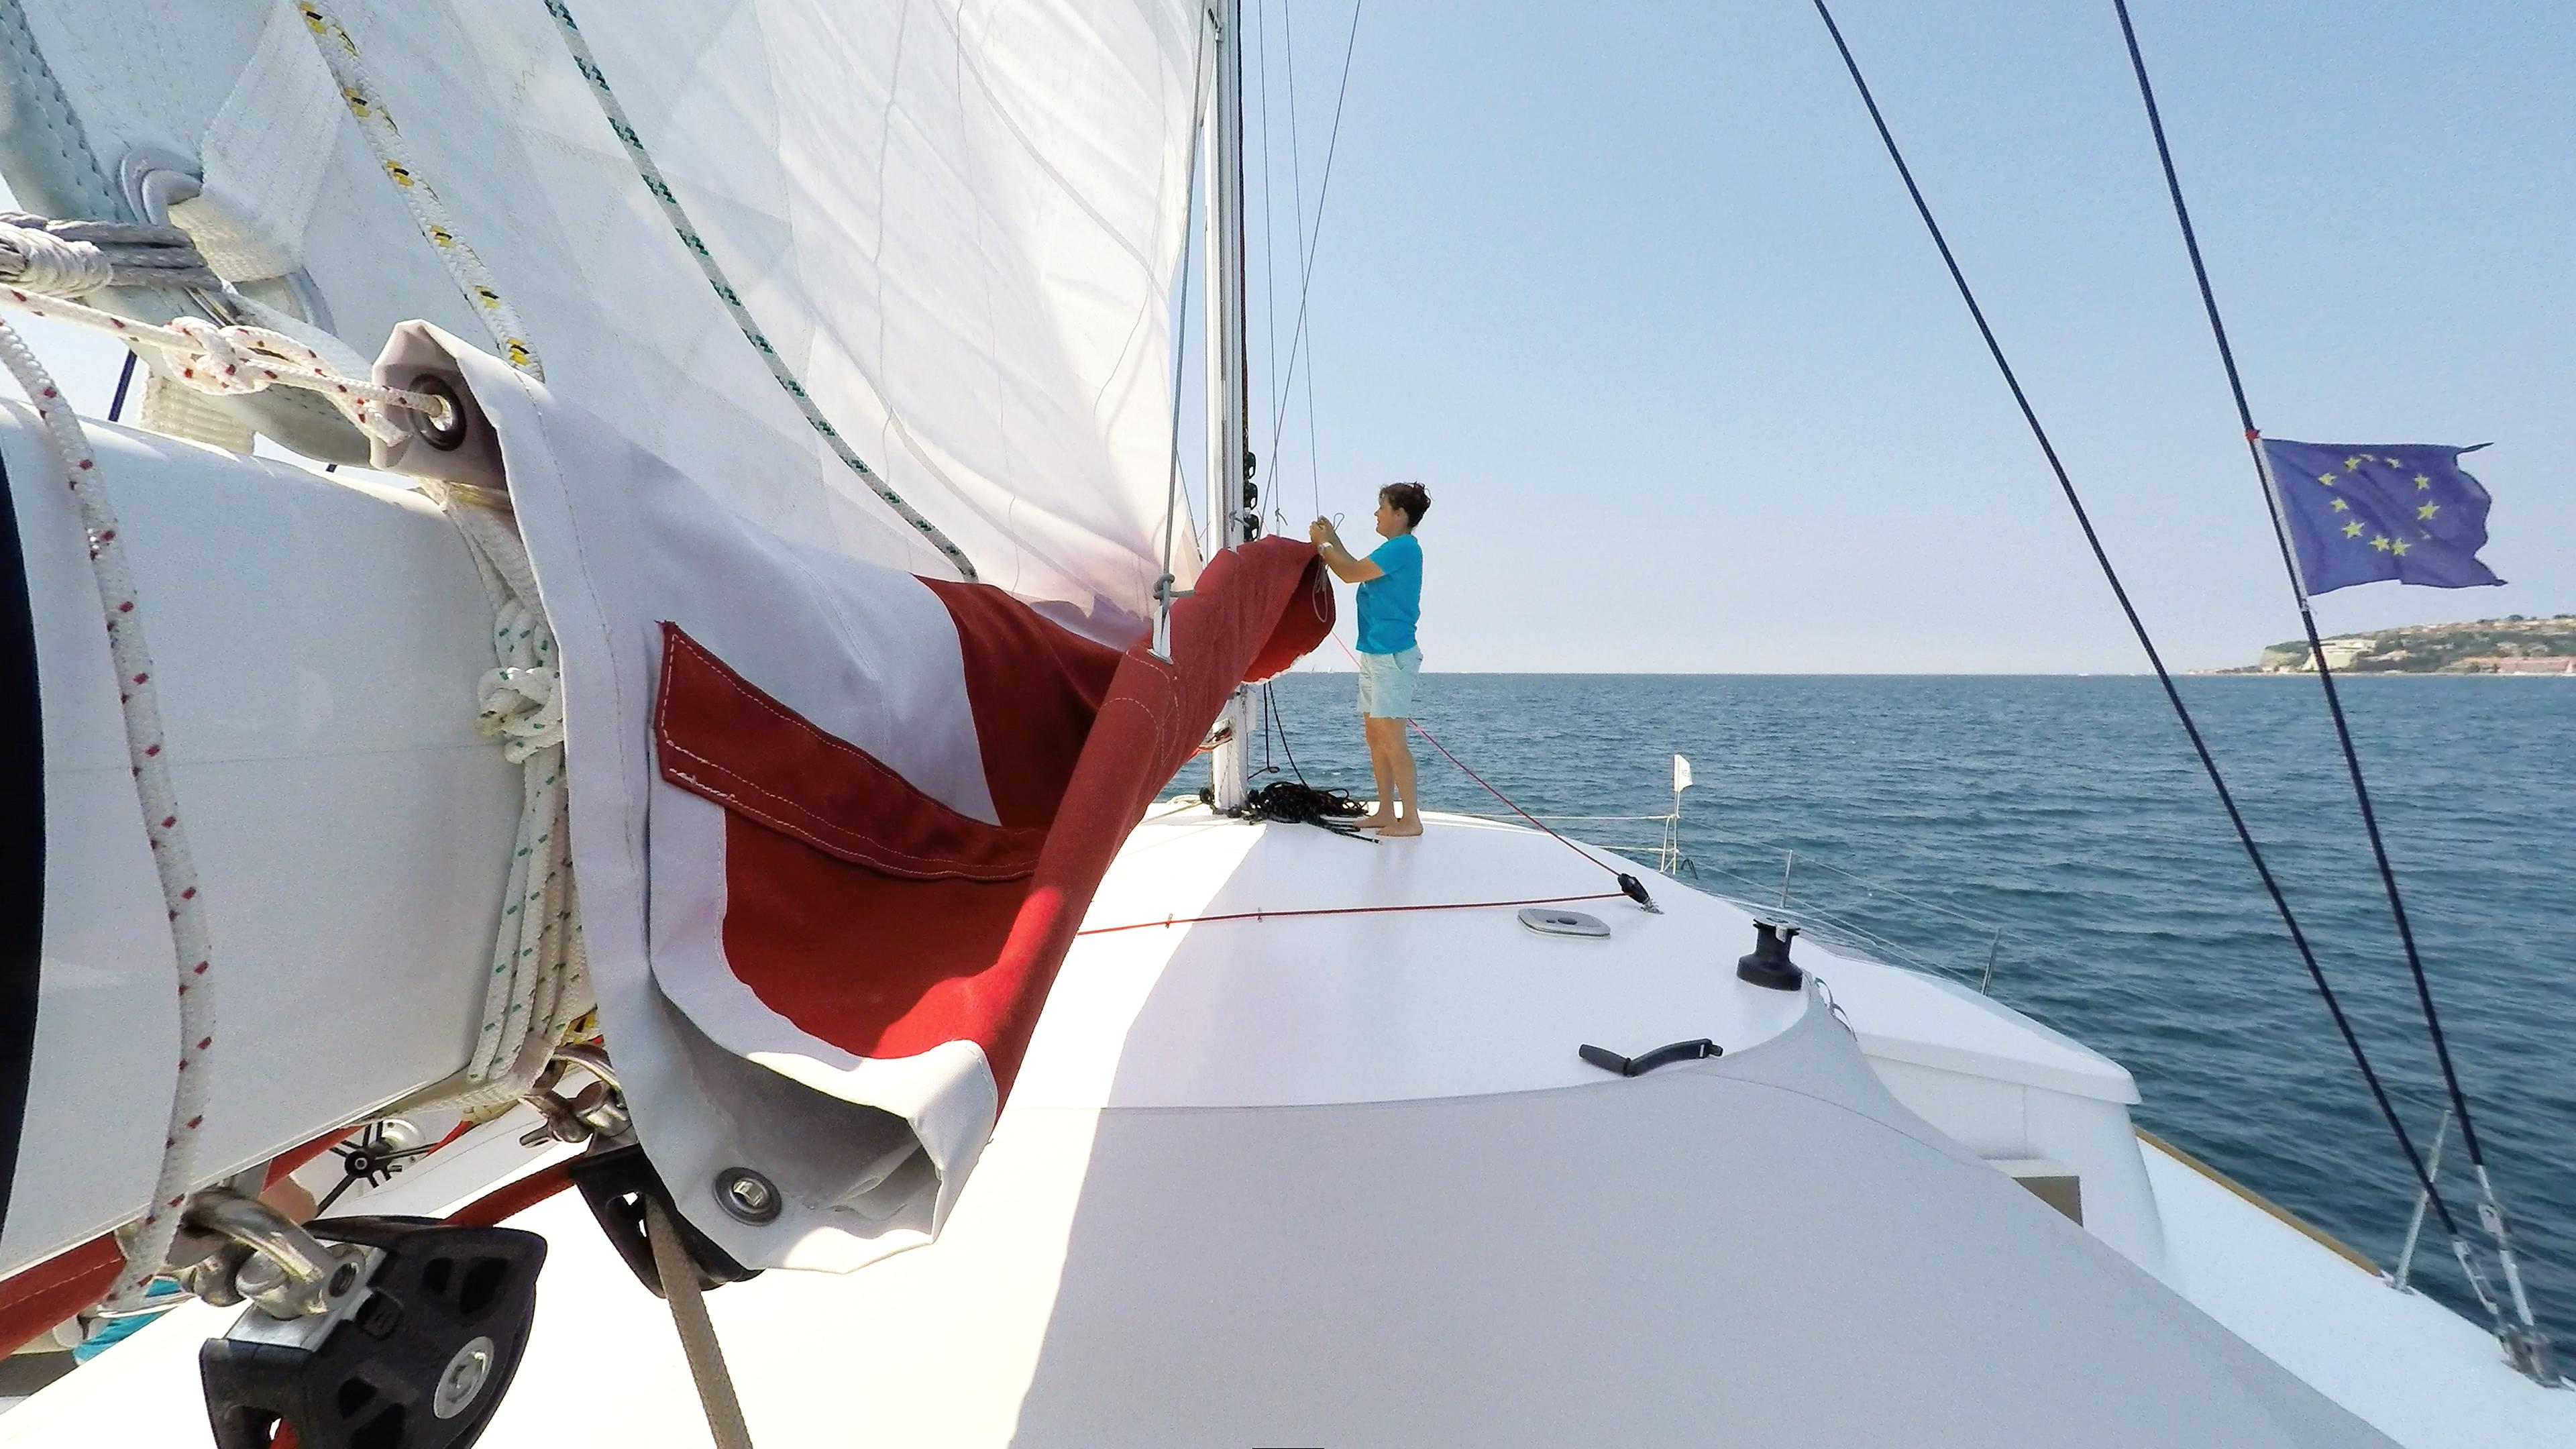 ragazza solleva randa boma barca a vela